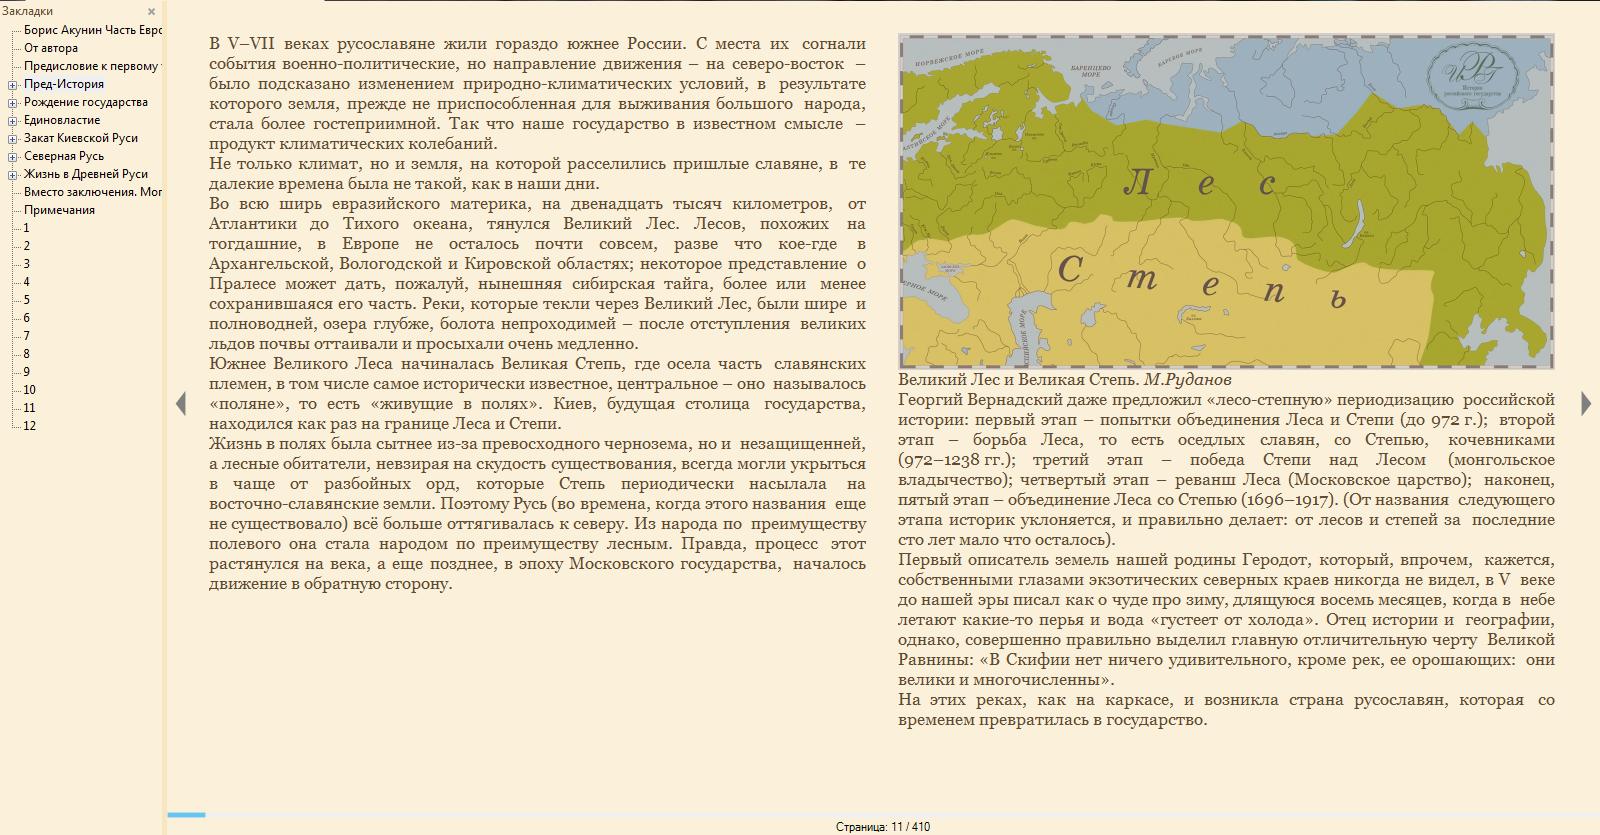 Борис акунин история российского государства аудиокнига скачать бесплатно